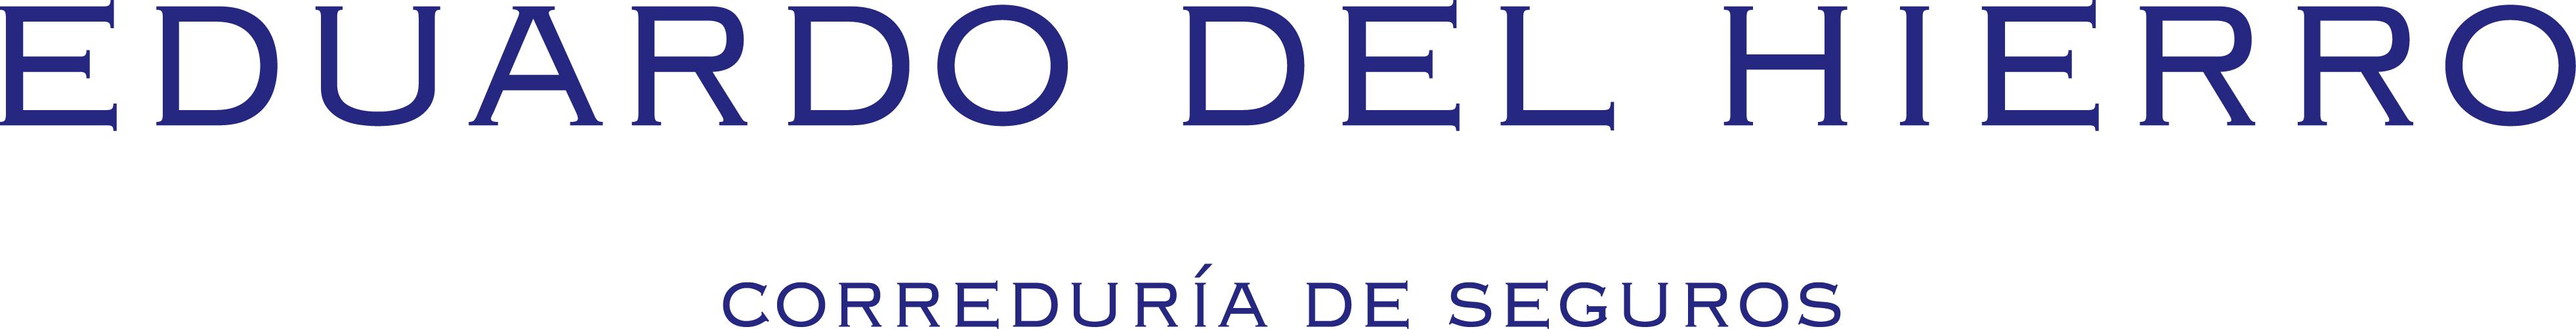 Eduardo del Hierro